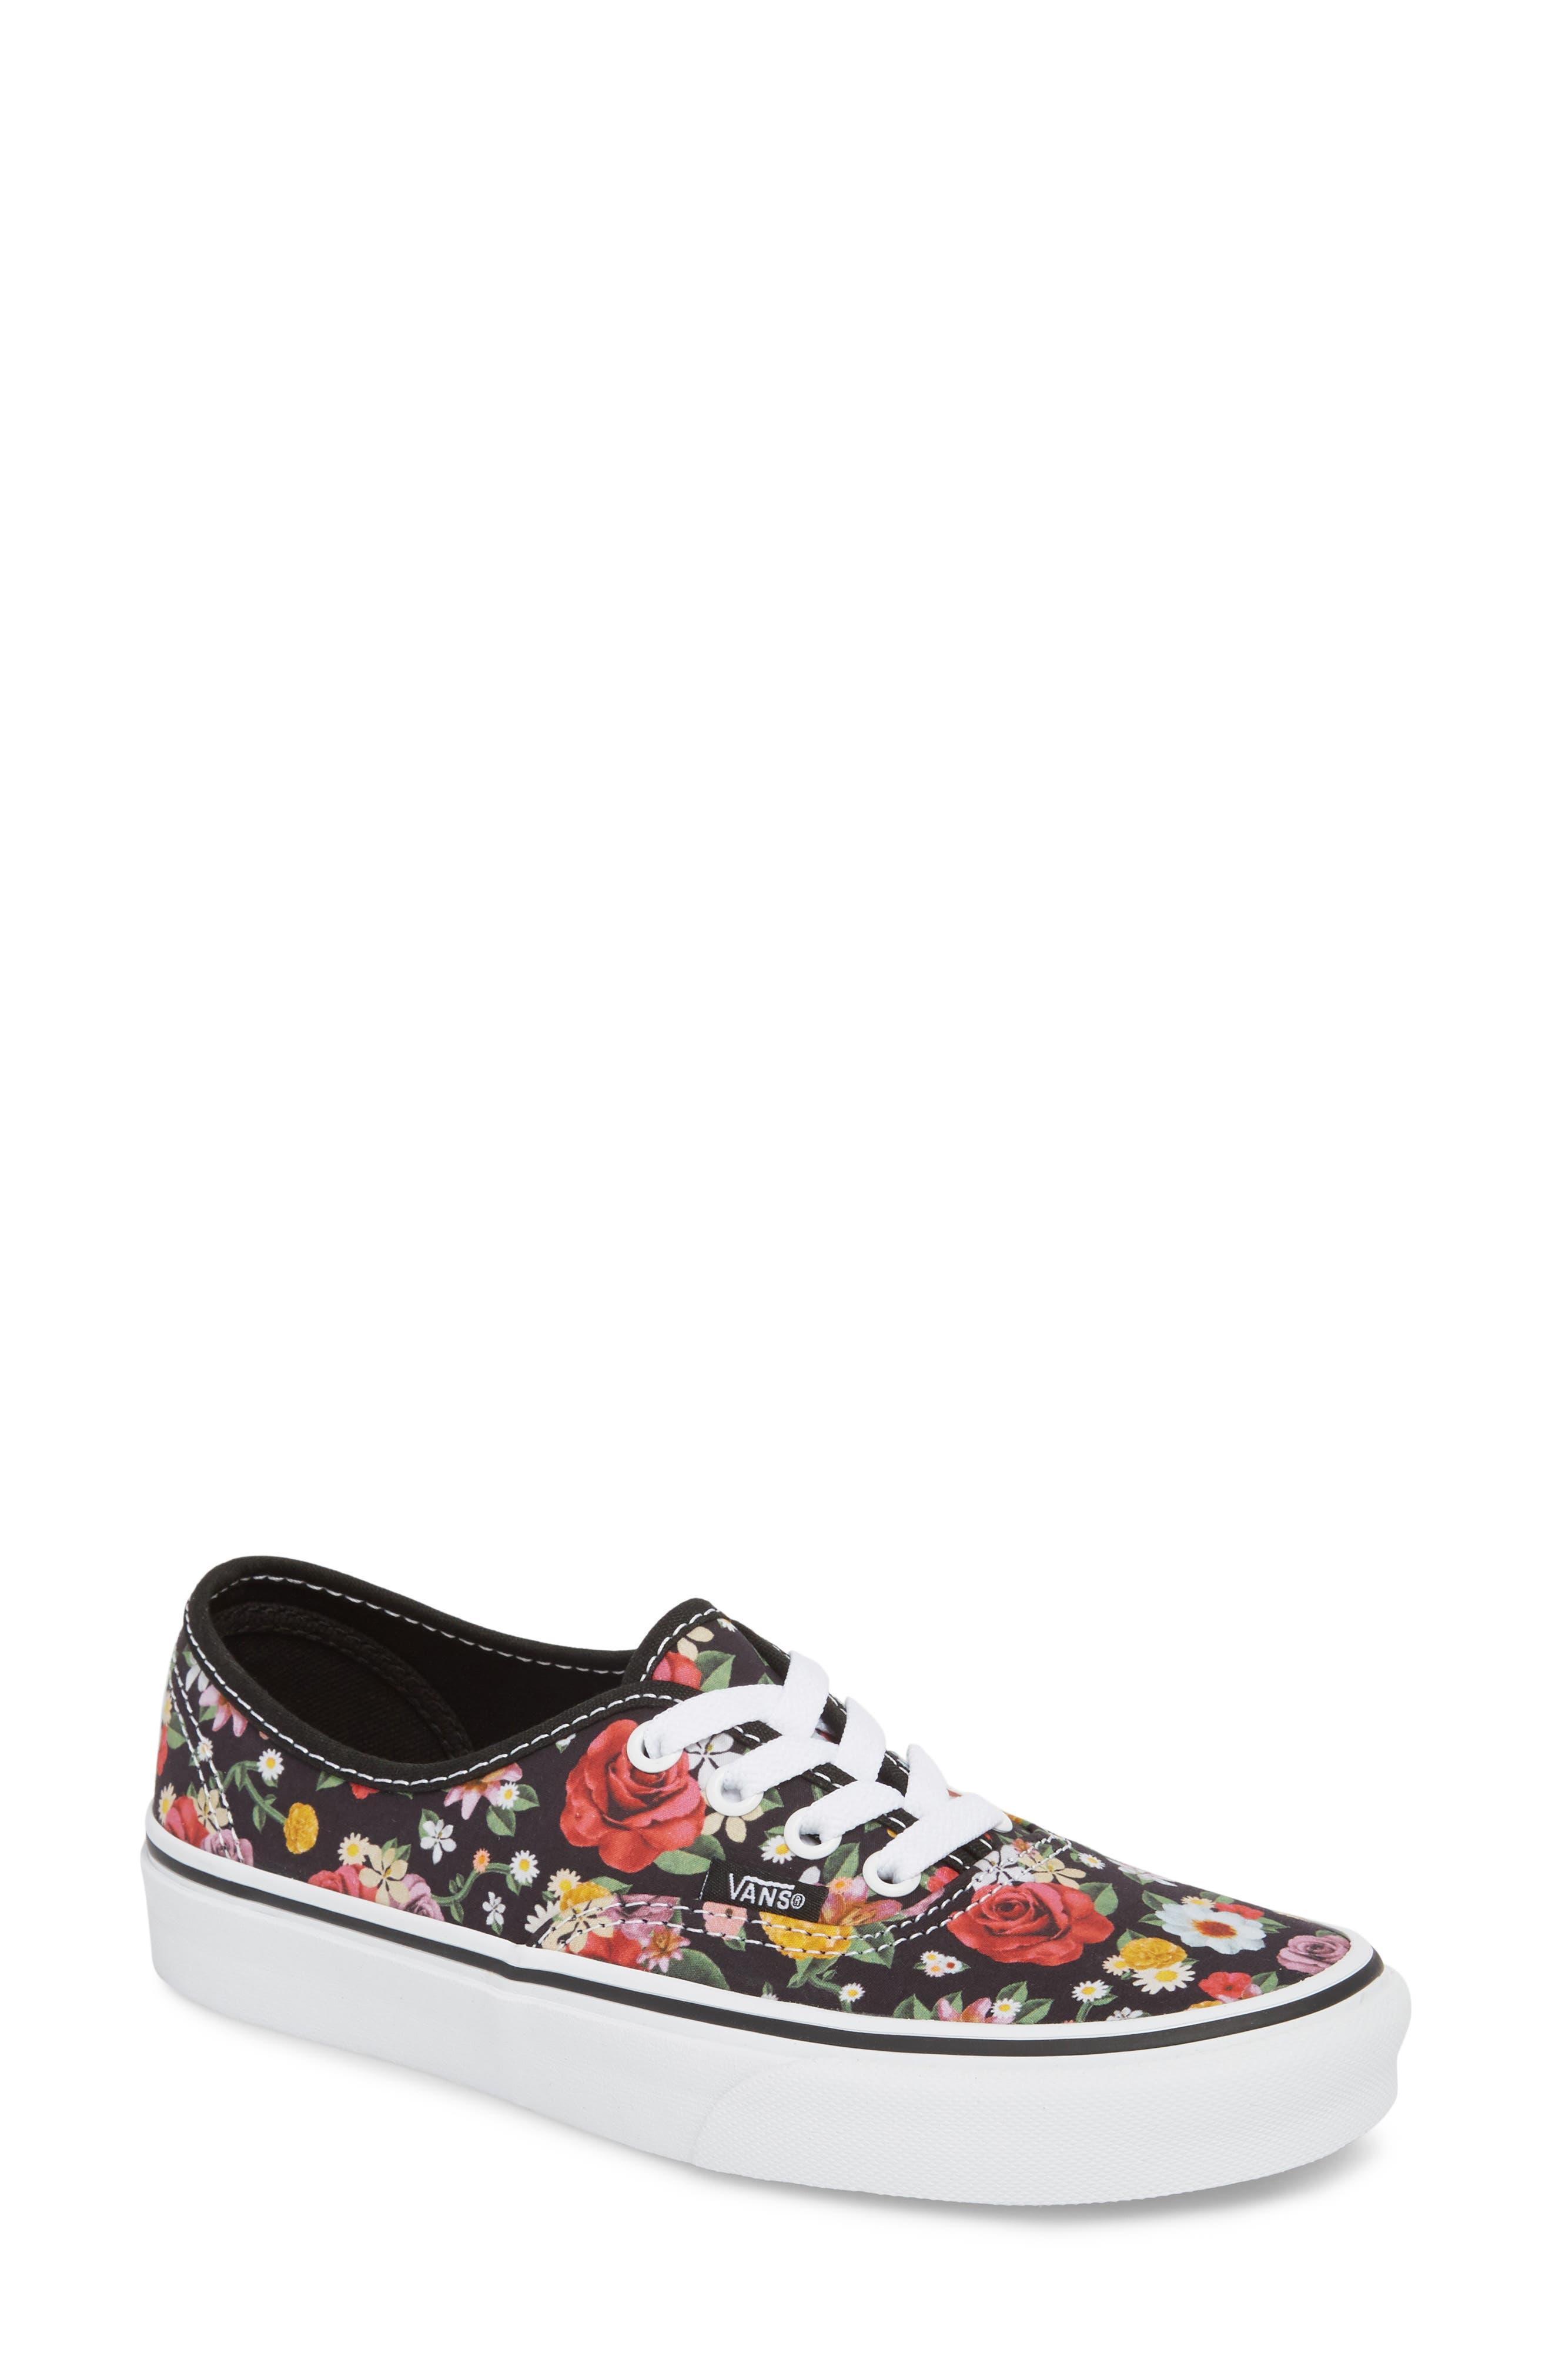 UA Authentic Lux Floral Sneaker,                         Main,                         color, DIGI FLORAL/ BLACK